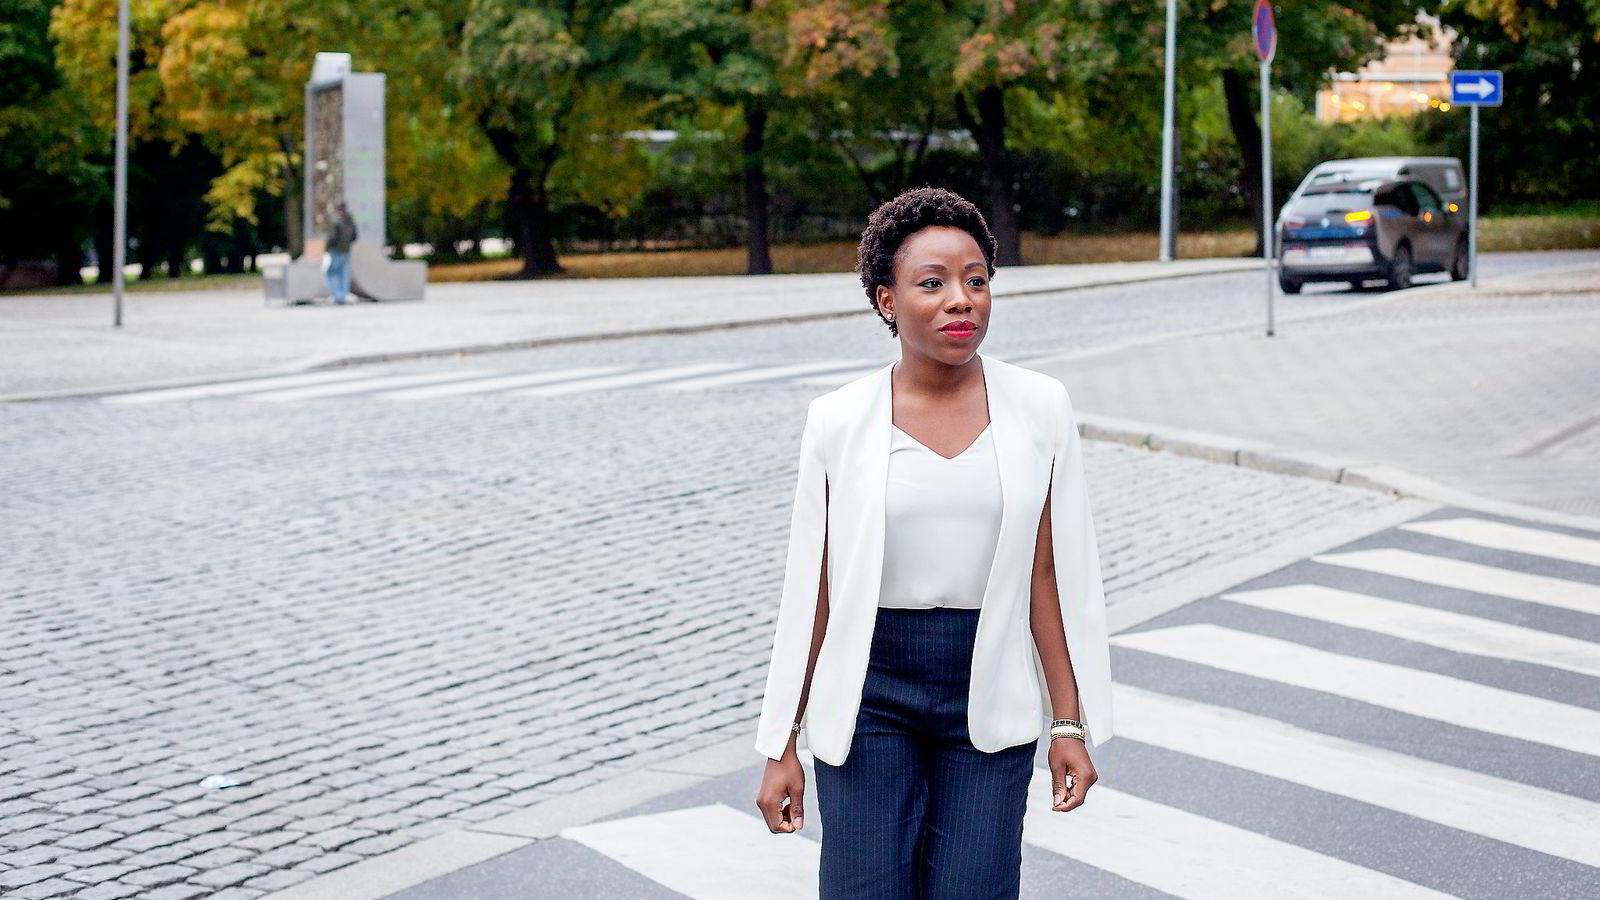 Ebi Atawodi, sjef for Uber i Vest-Afrika, var nylig på en konferanse i Oslo i regi av Norwegian-African Business Association (NABA) for å fortelle om delingsøkonomiens vekst i Afrika.               Foto: Javad Parsa